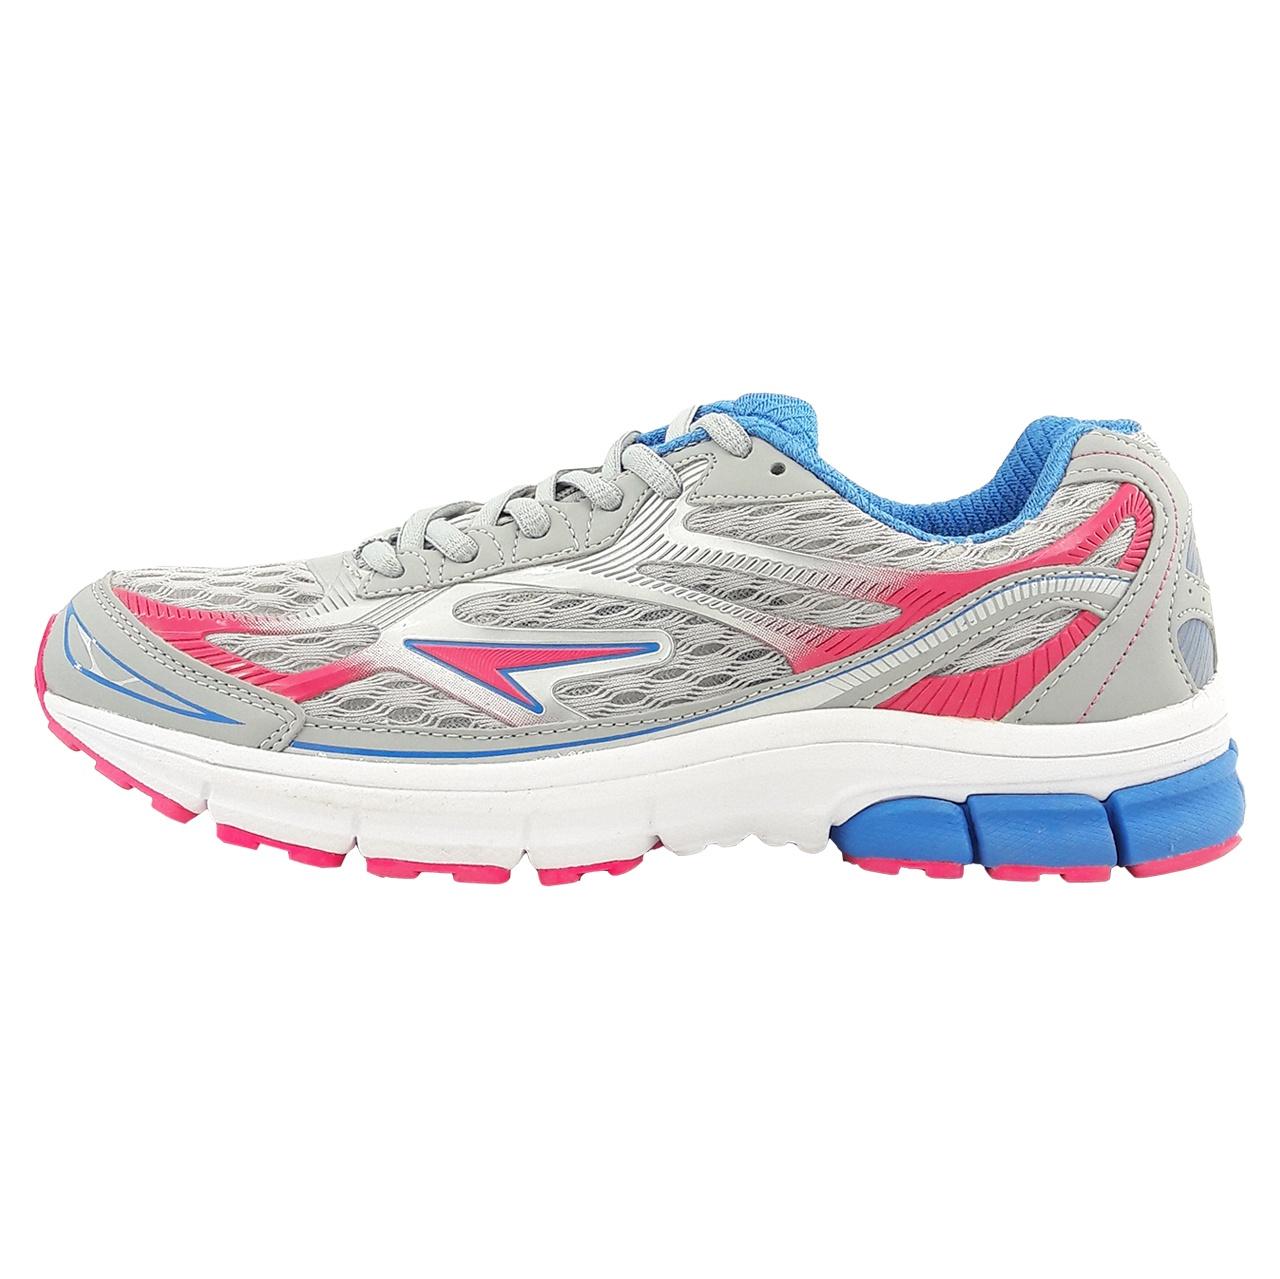 کفش ورزشی زنانه میکه مدل gr.pnk001